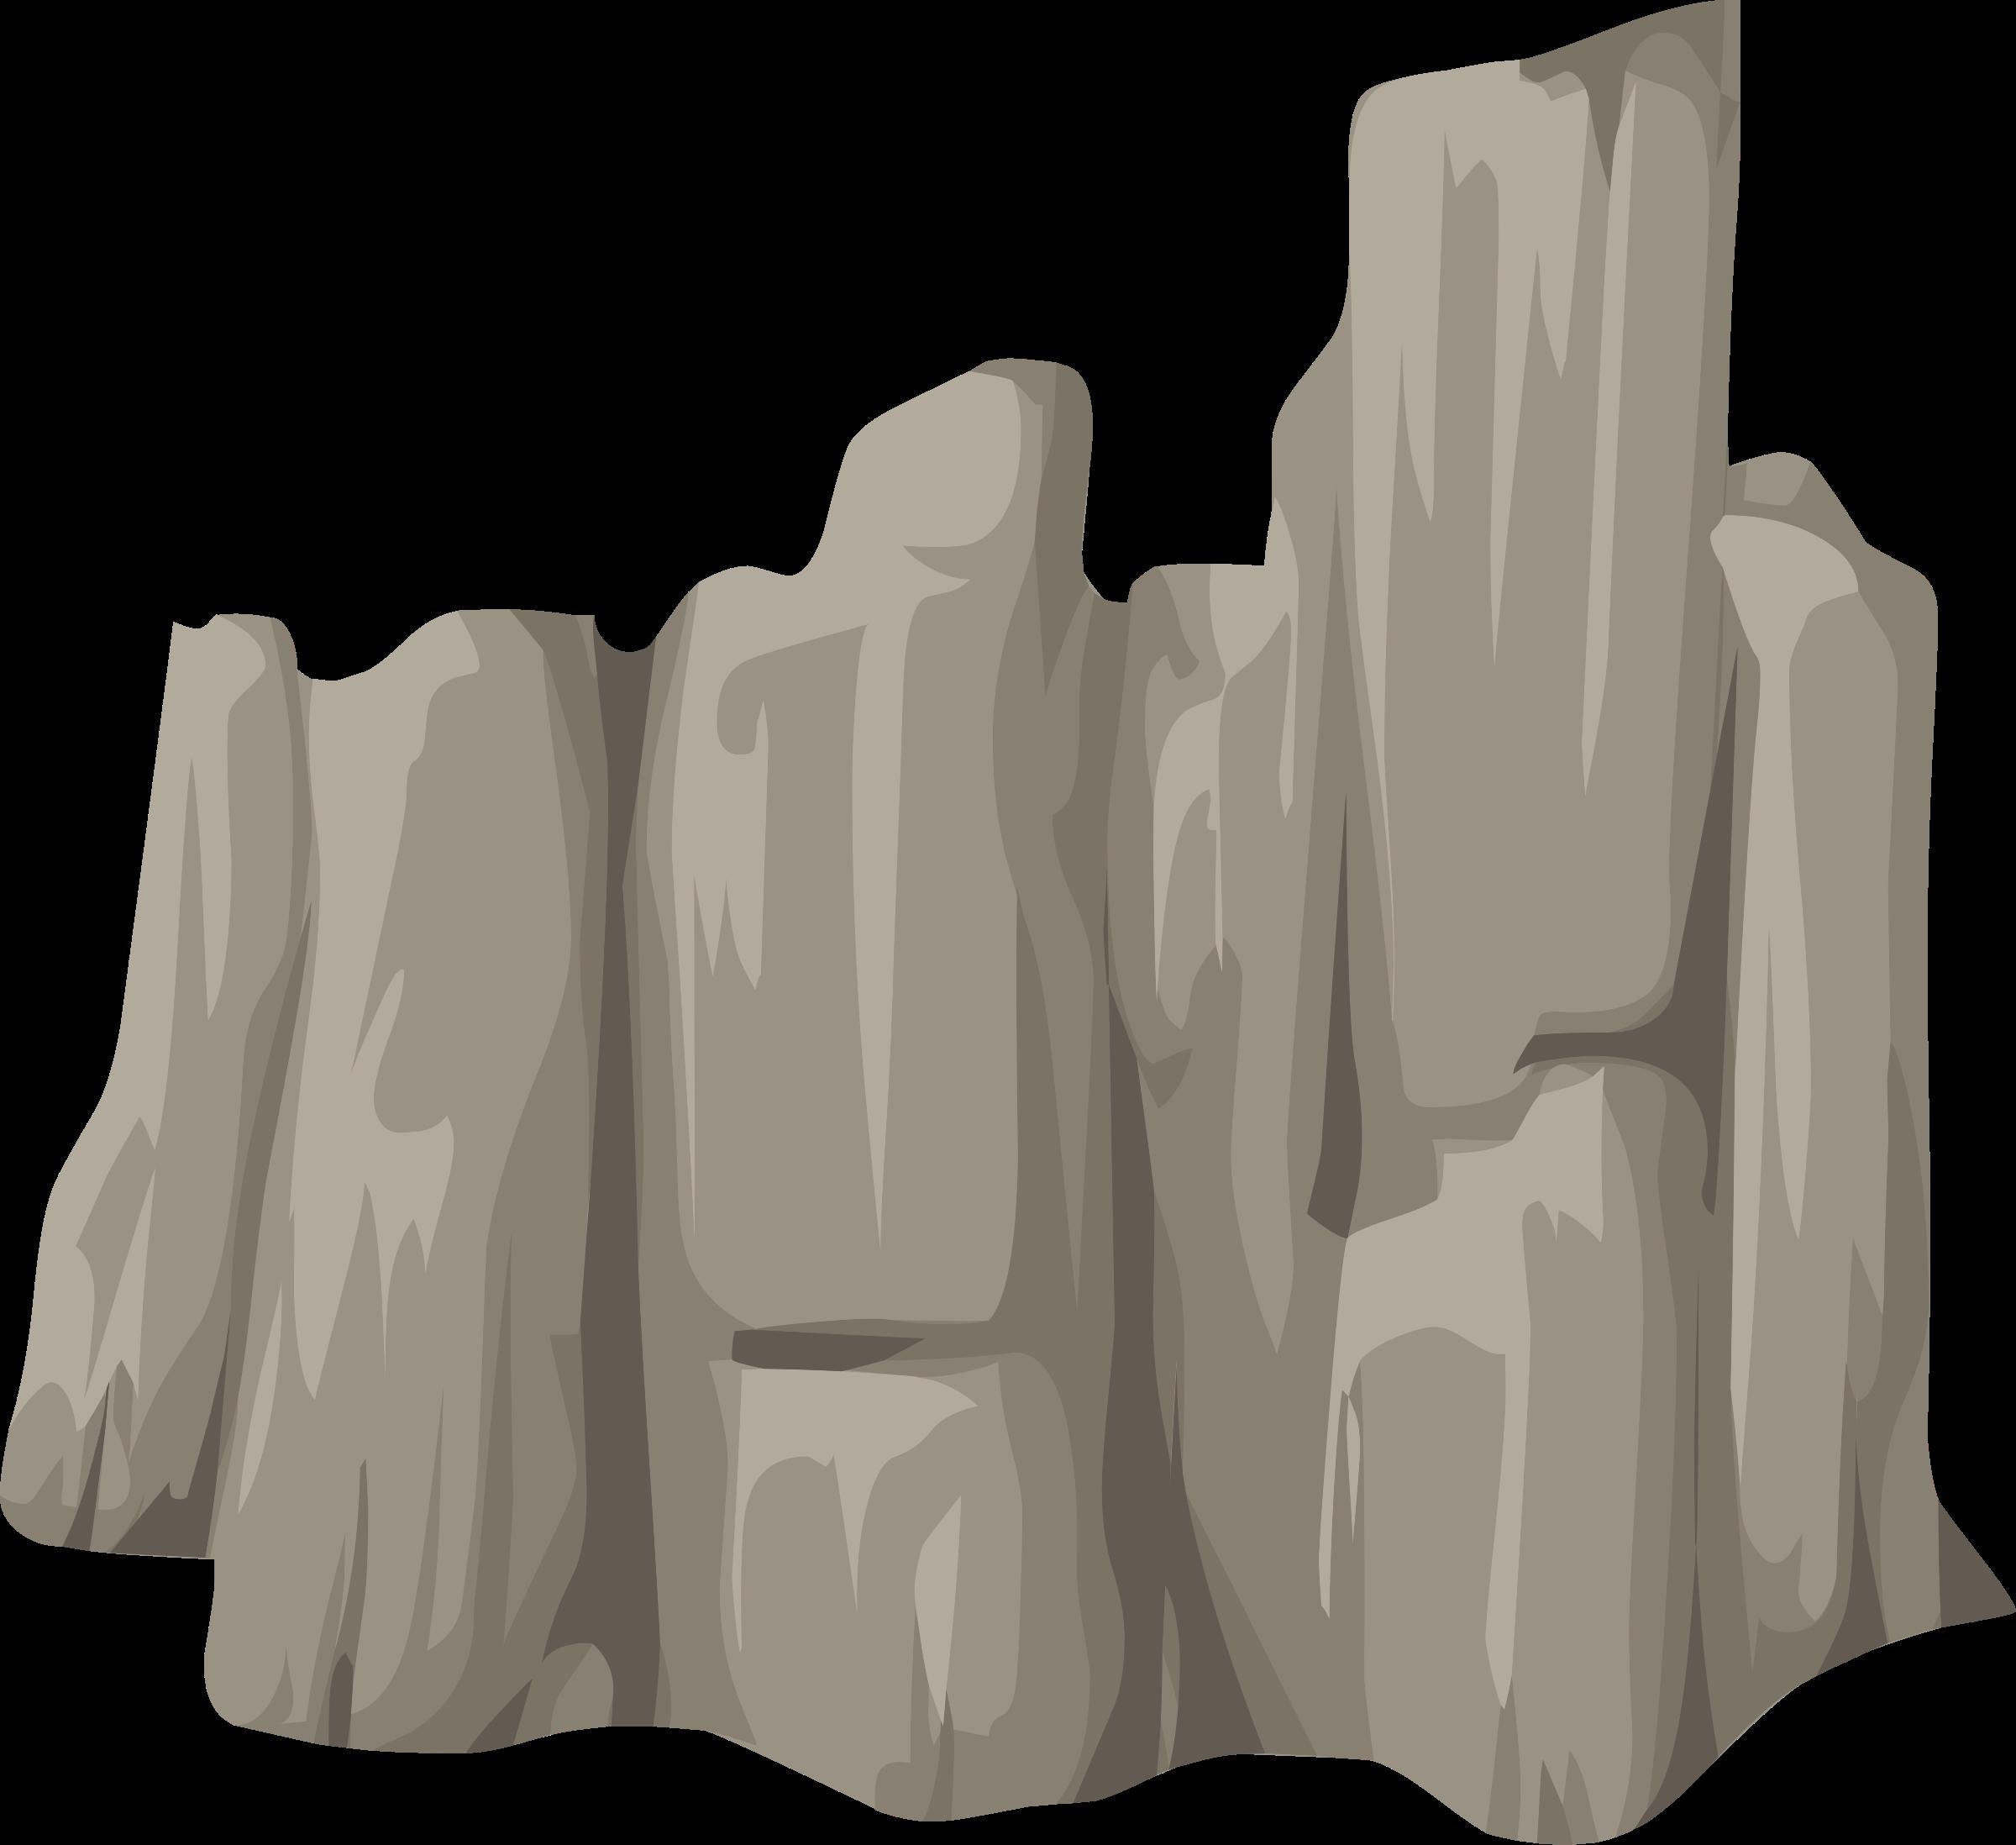 Cliffs clipart.